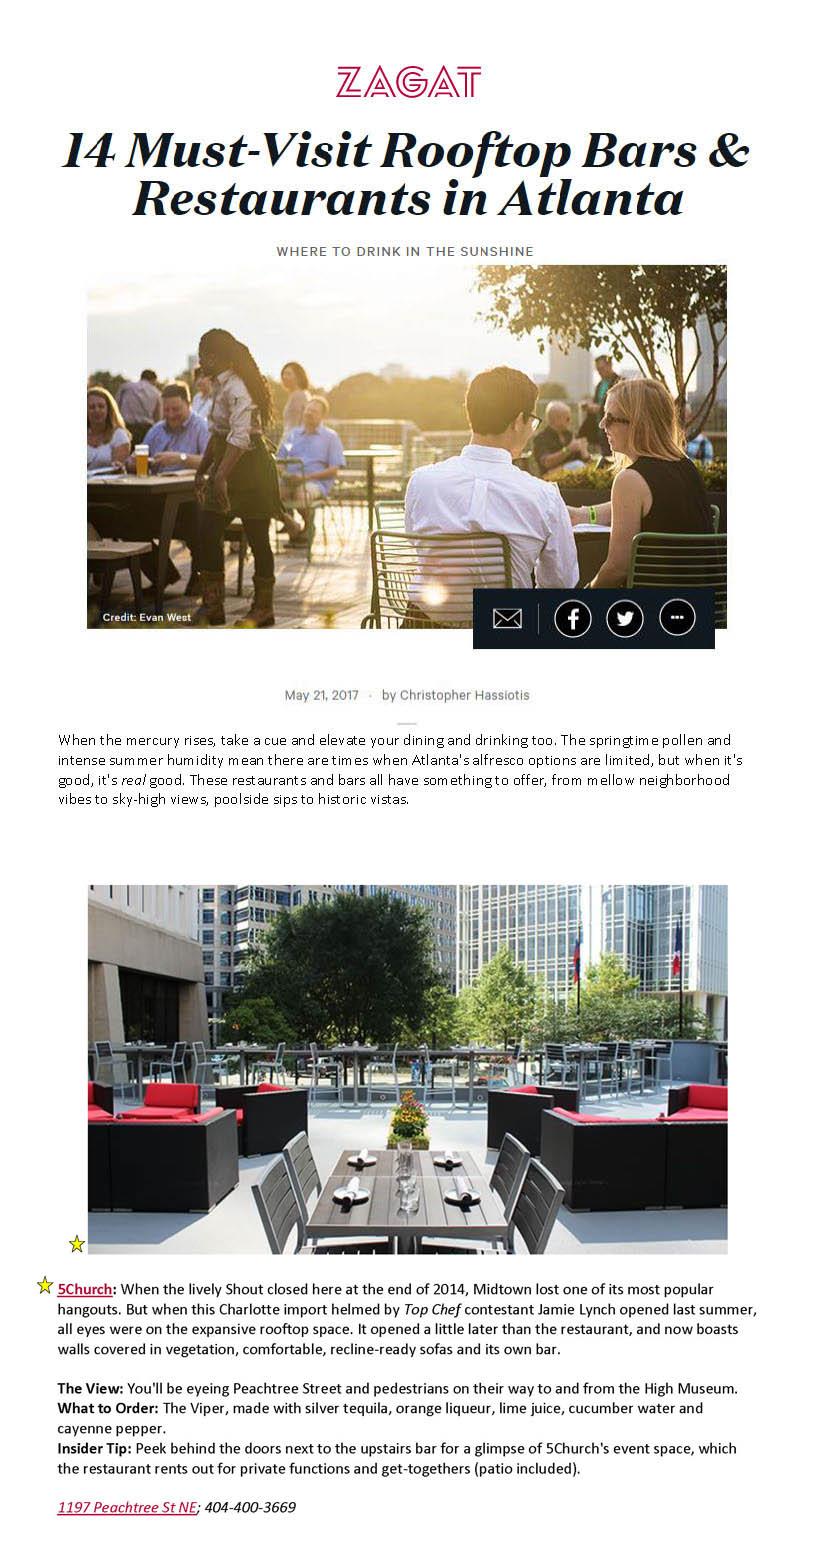 Zagat article photo